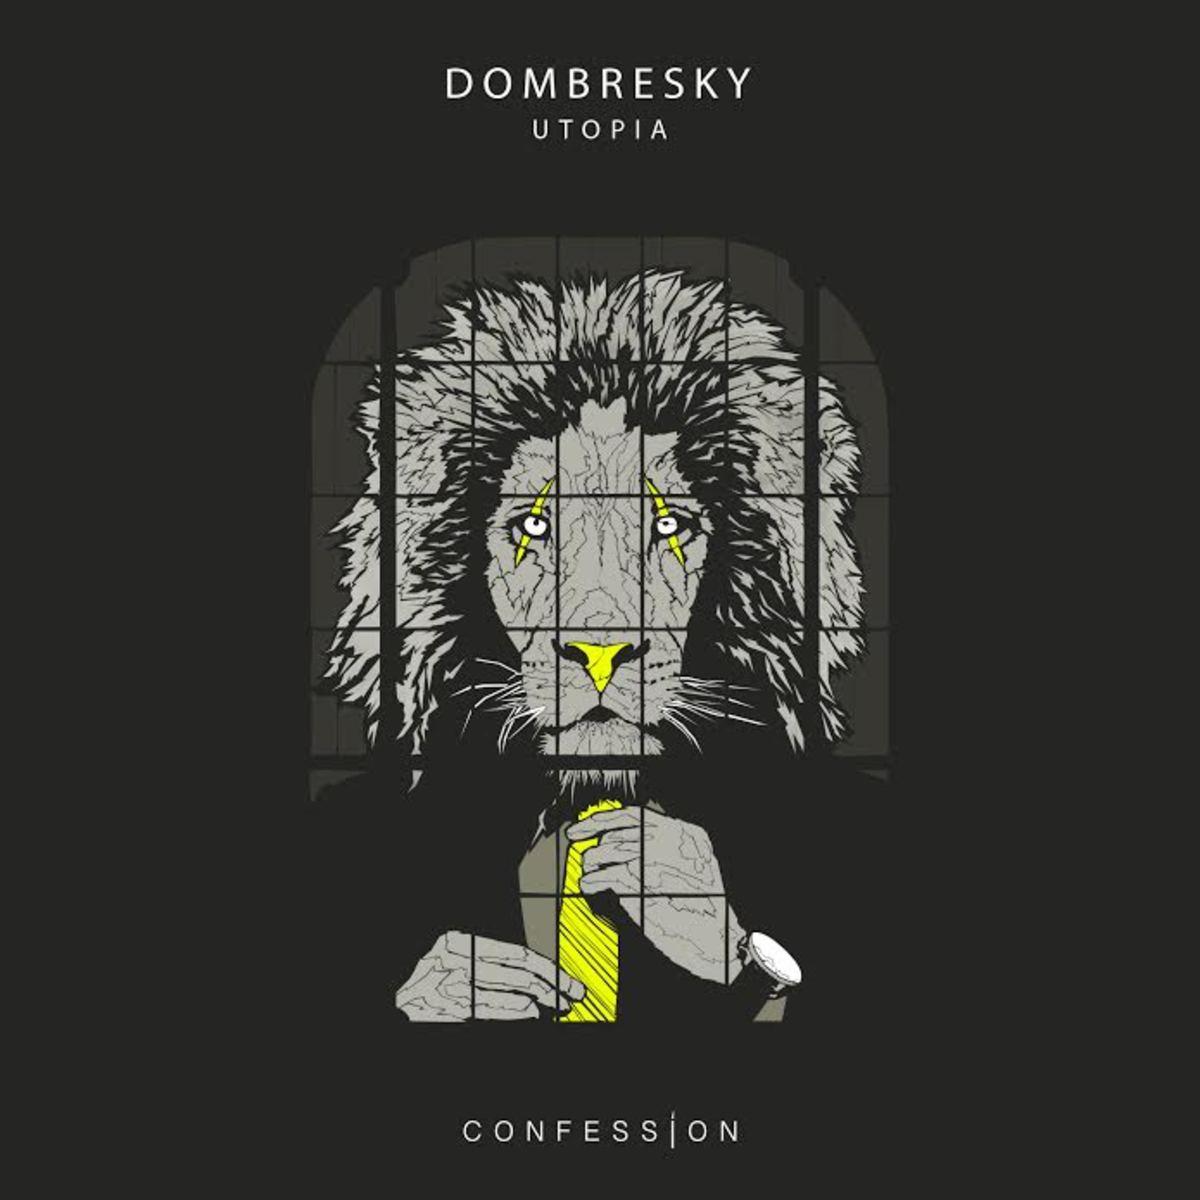 Dombresky Utopia Confession Artwork